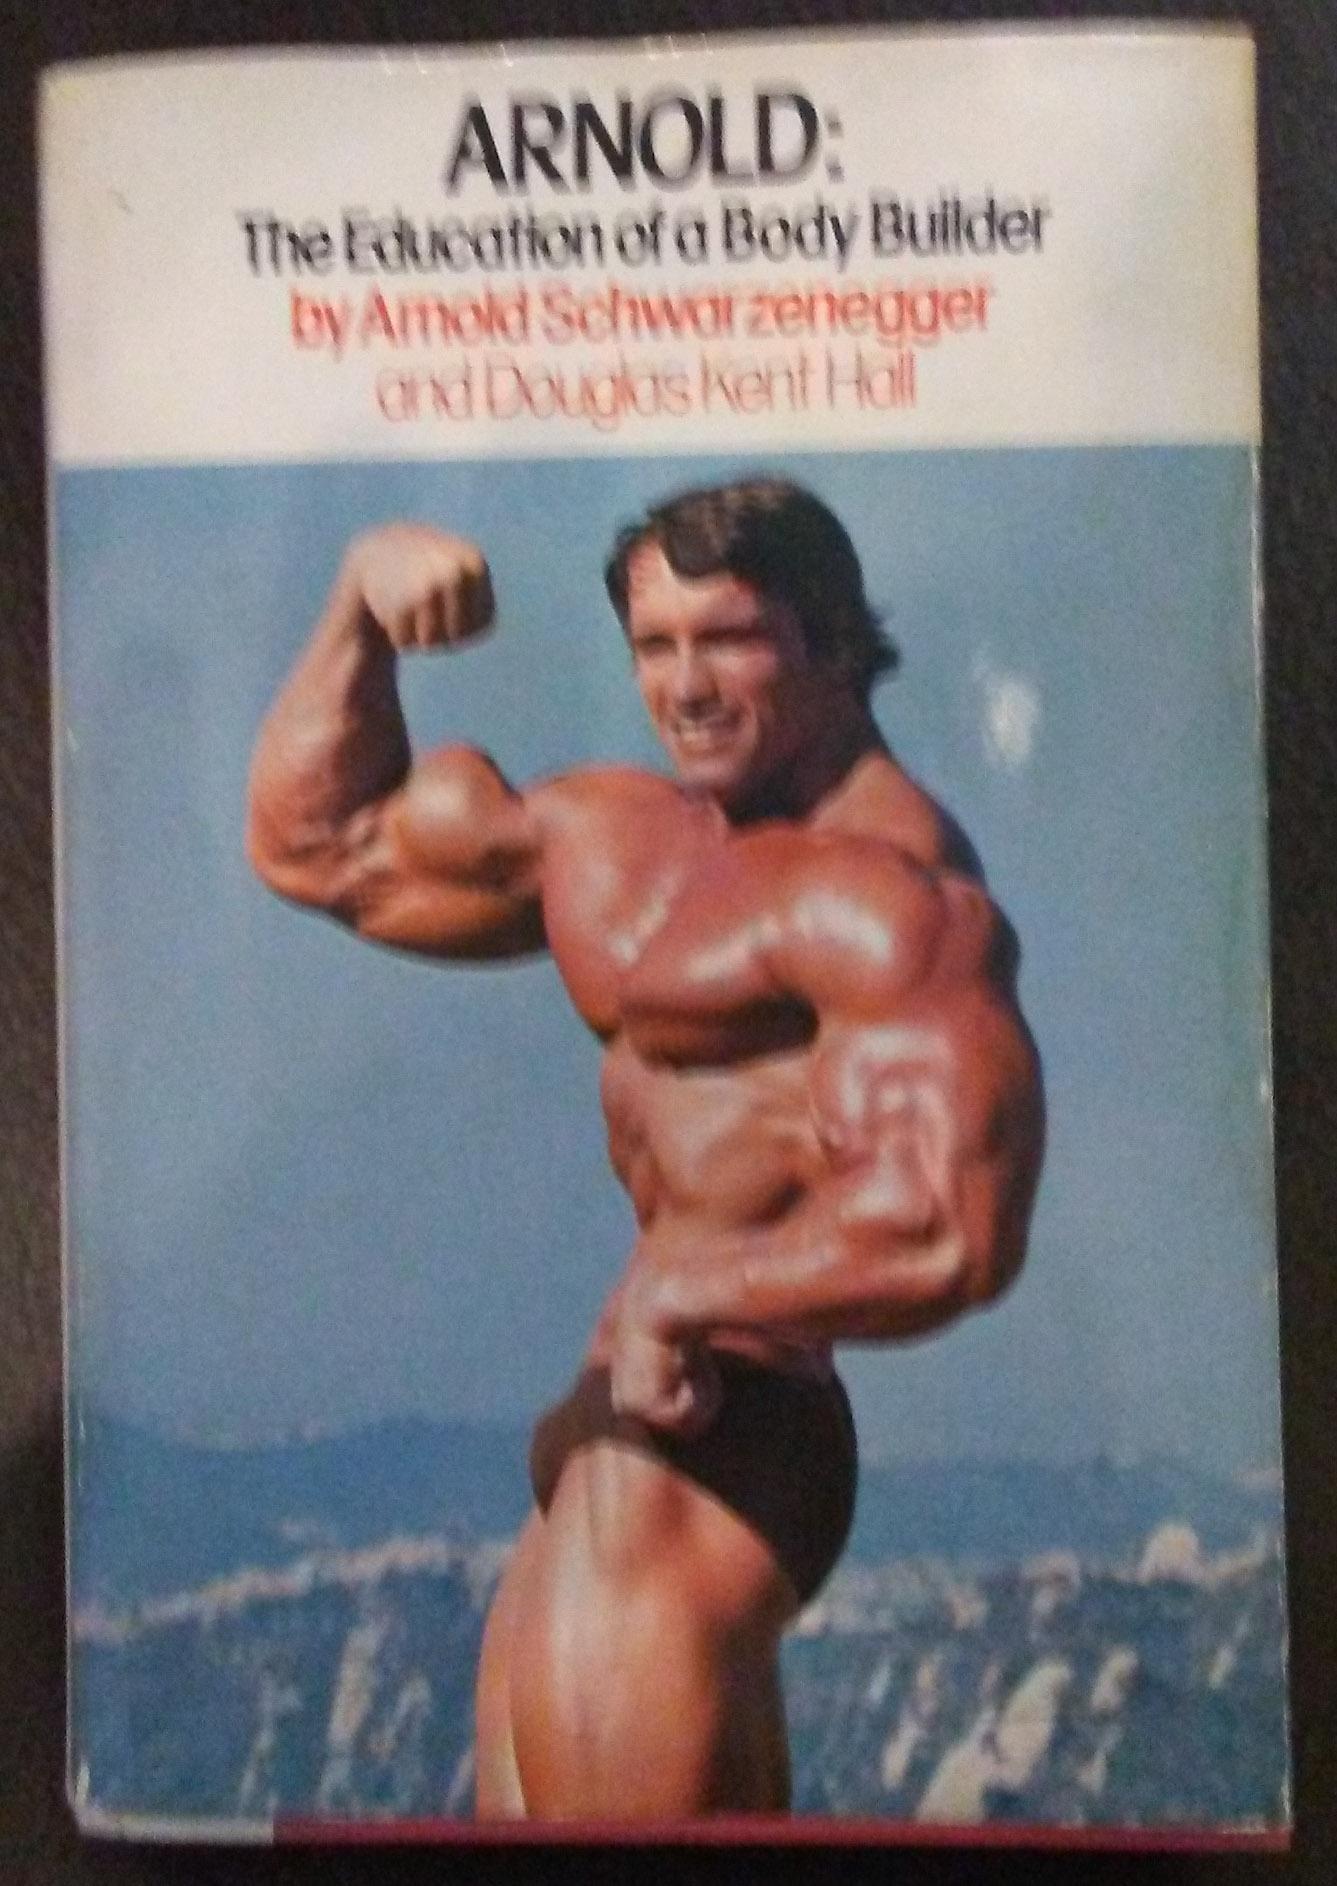 Arnold Bir Vücutçunun Eğitimi